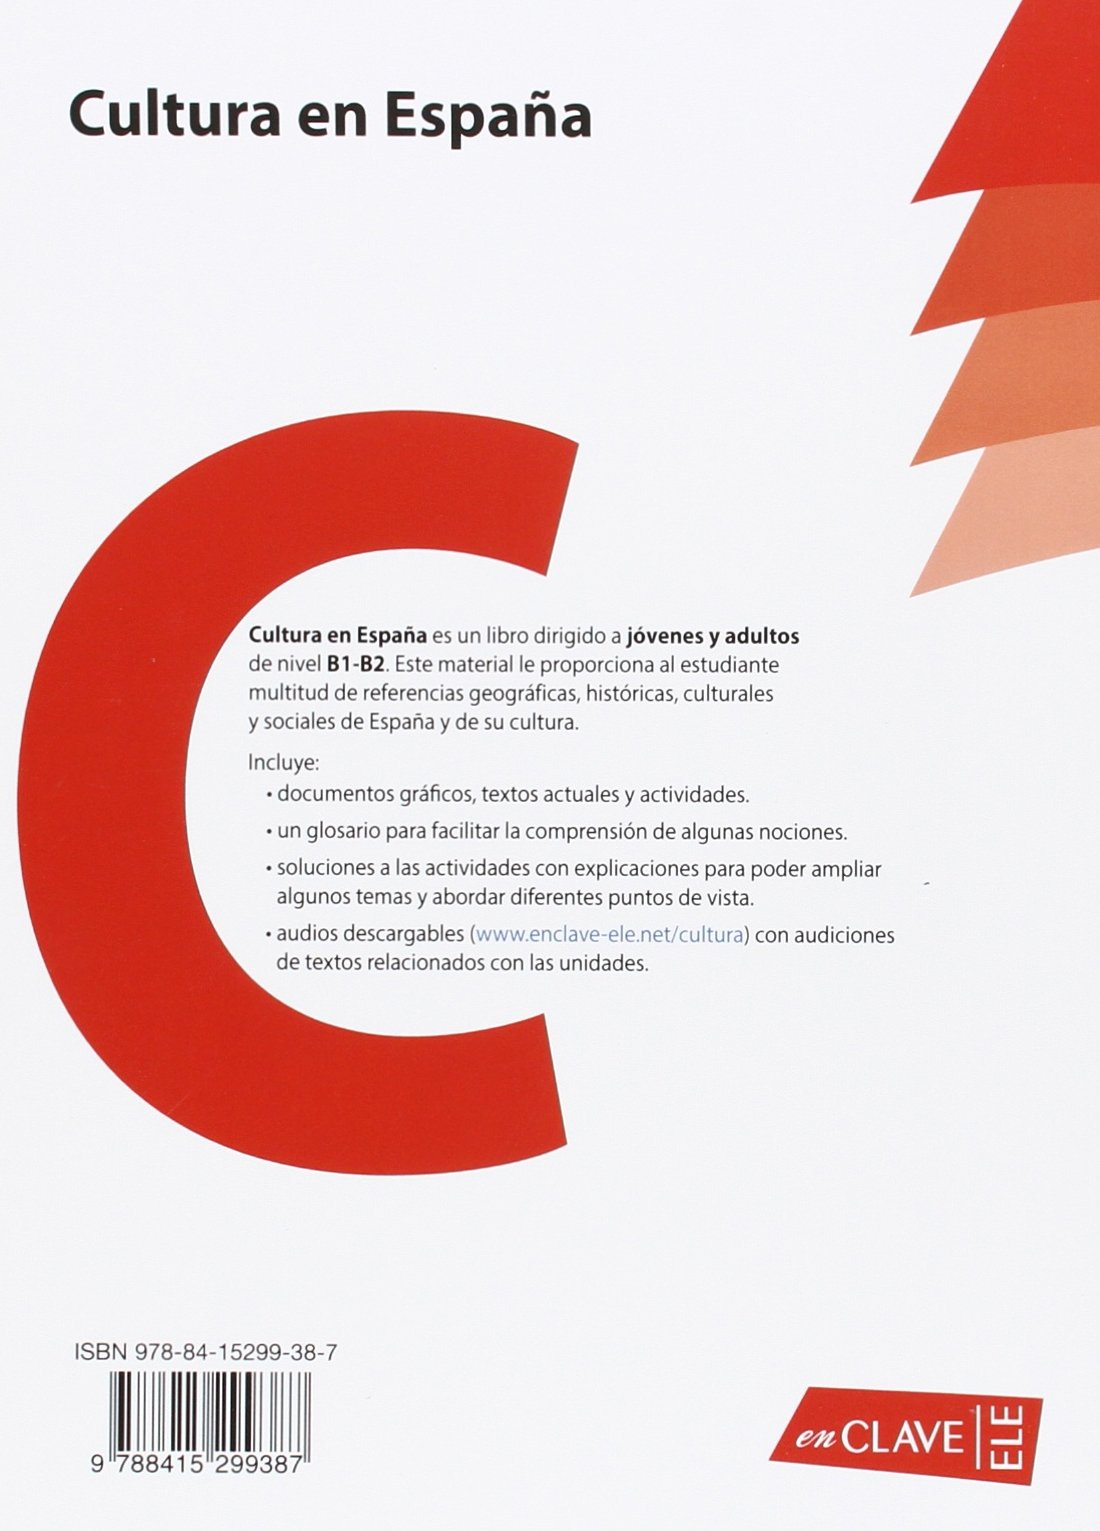 Cultura en Espana (Nueva edicion): Libro B1-B2 + audio descargable